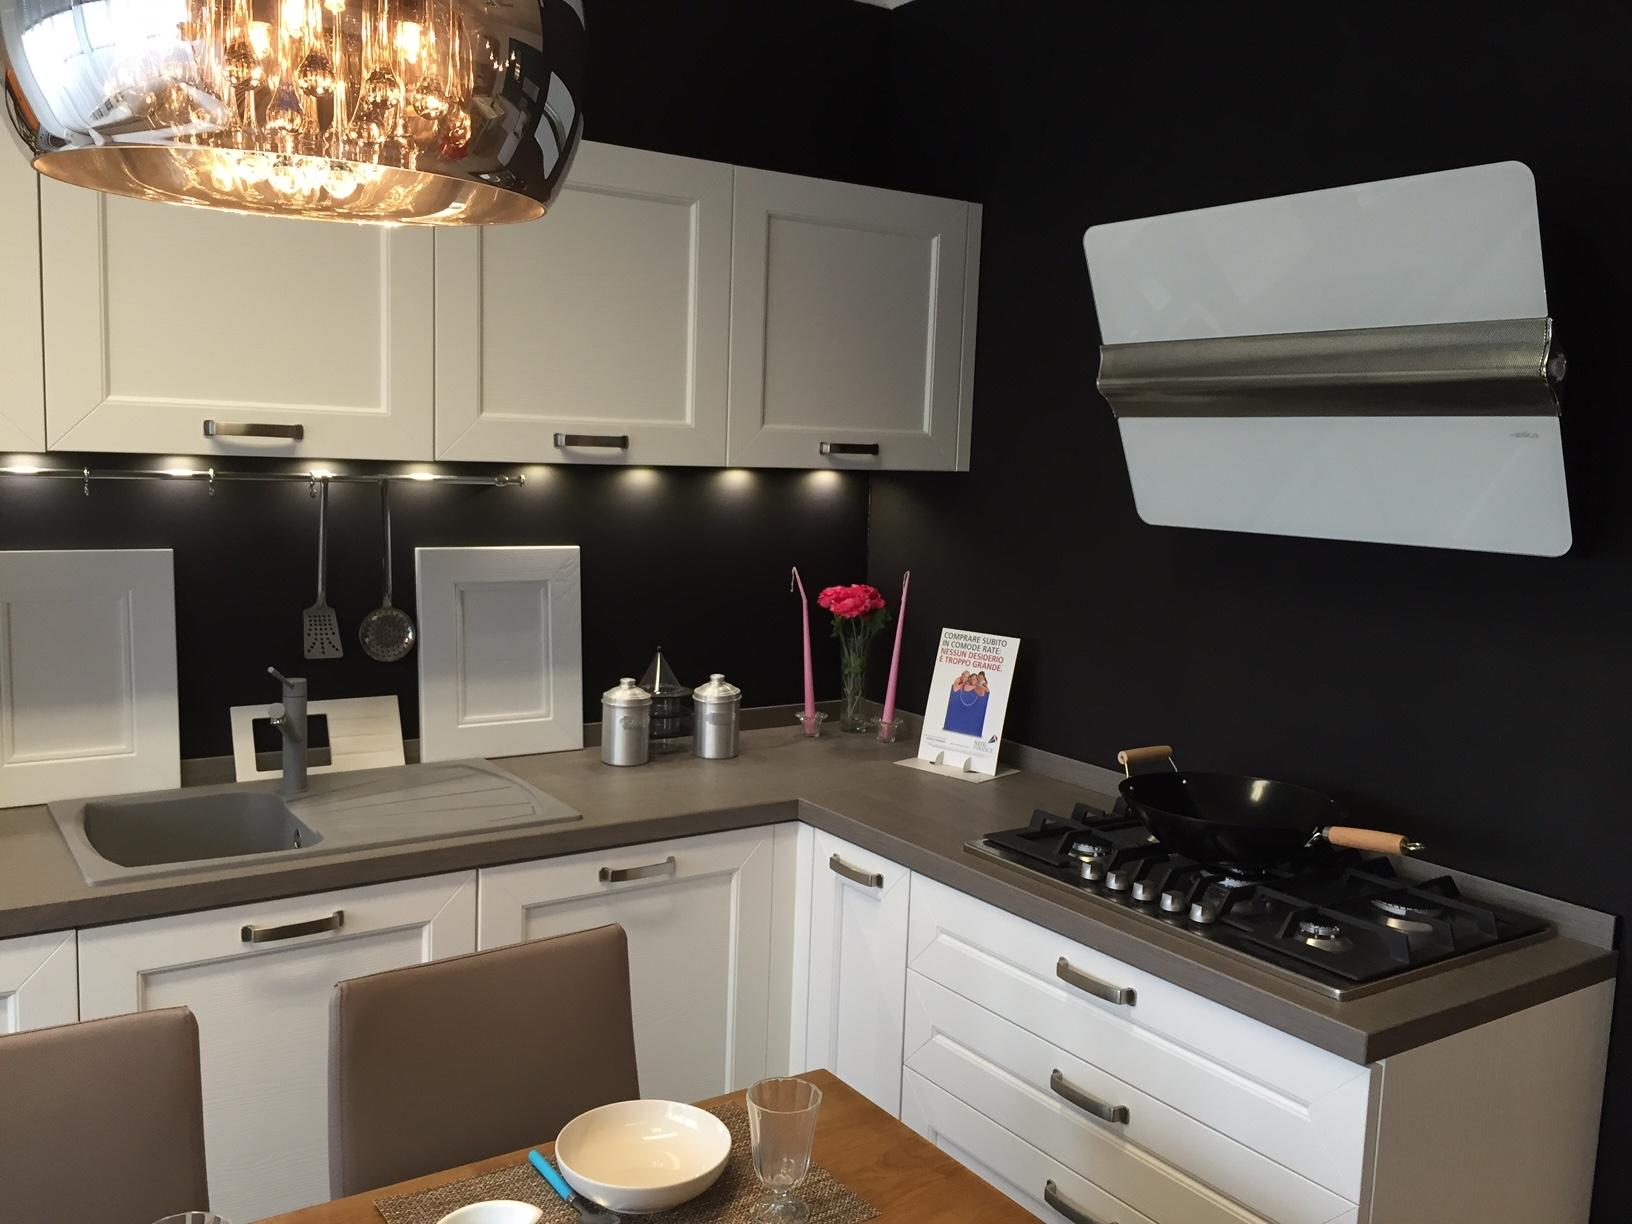 Cucina effe4 creta moderna legno bianca cucine a prezzi scontati - Cucina bianca legno ...